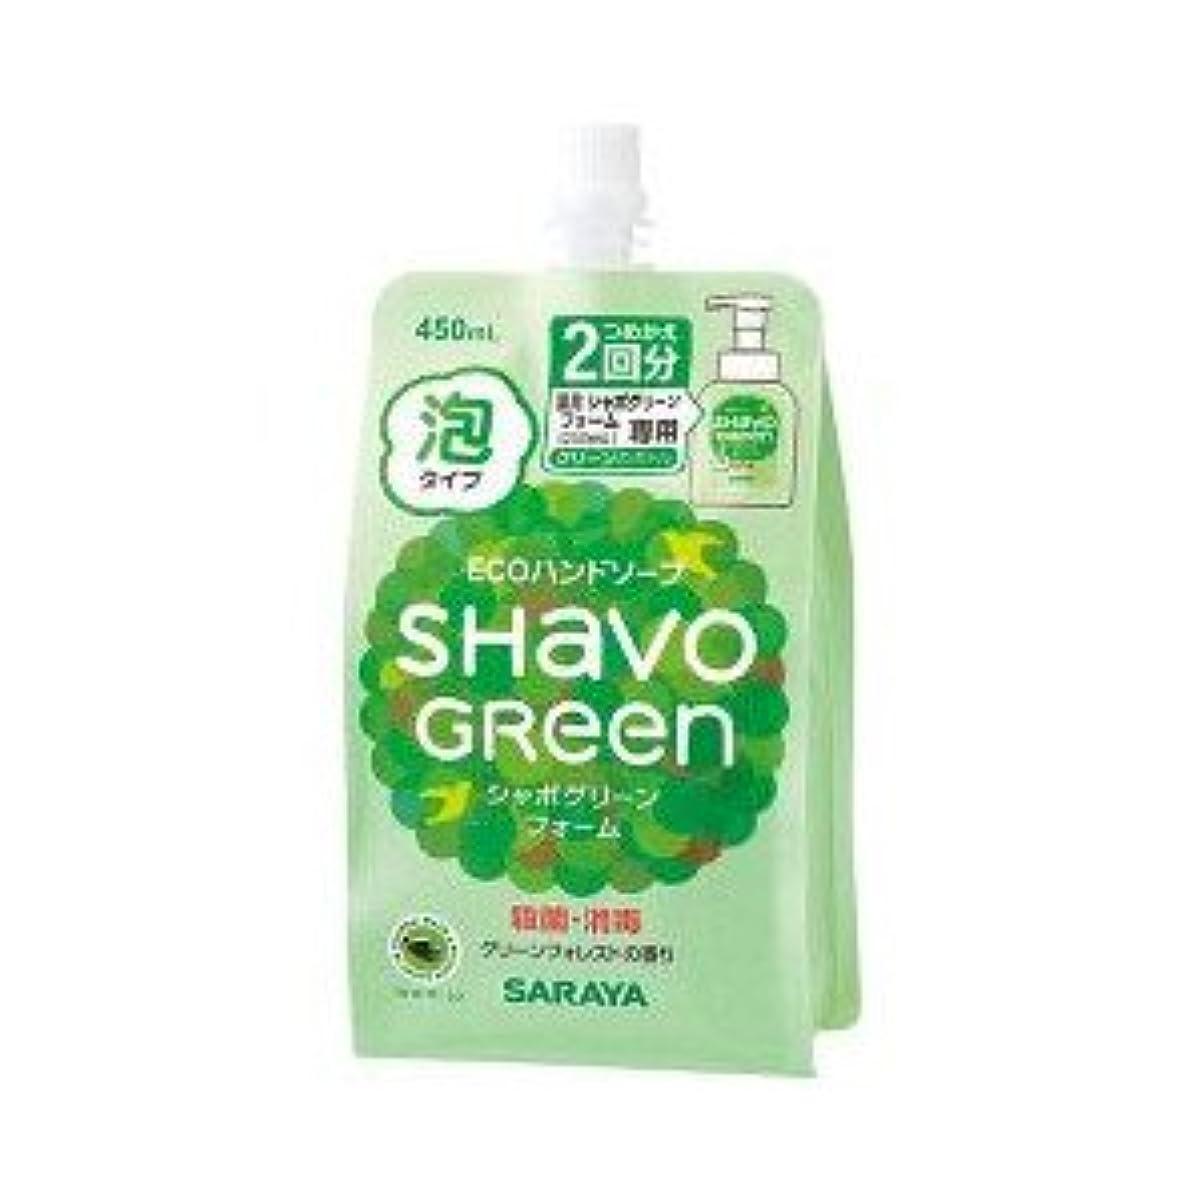 ジャンプする抽象緑サラヤ 薬用ハンドソープ シャボグリーンフォーム 450ml×16点セット (4973512230738)